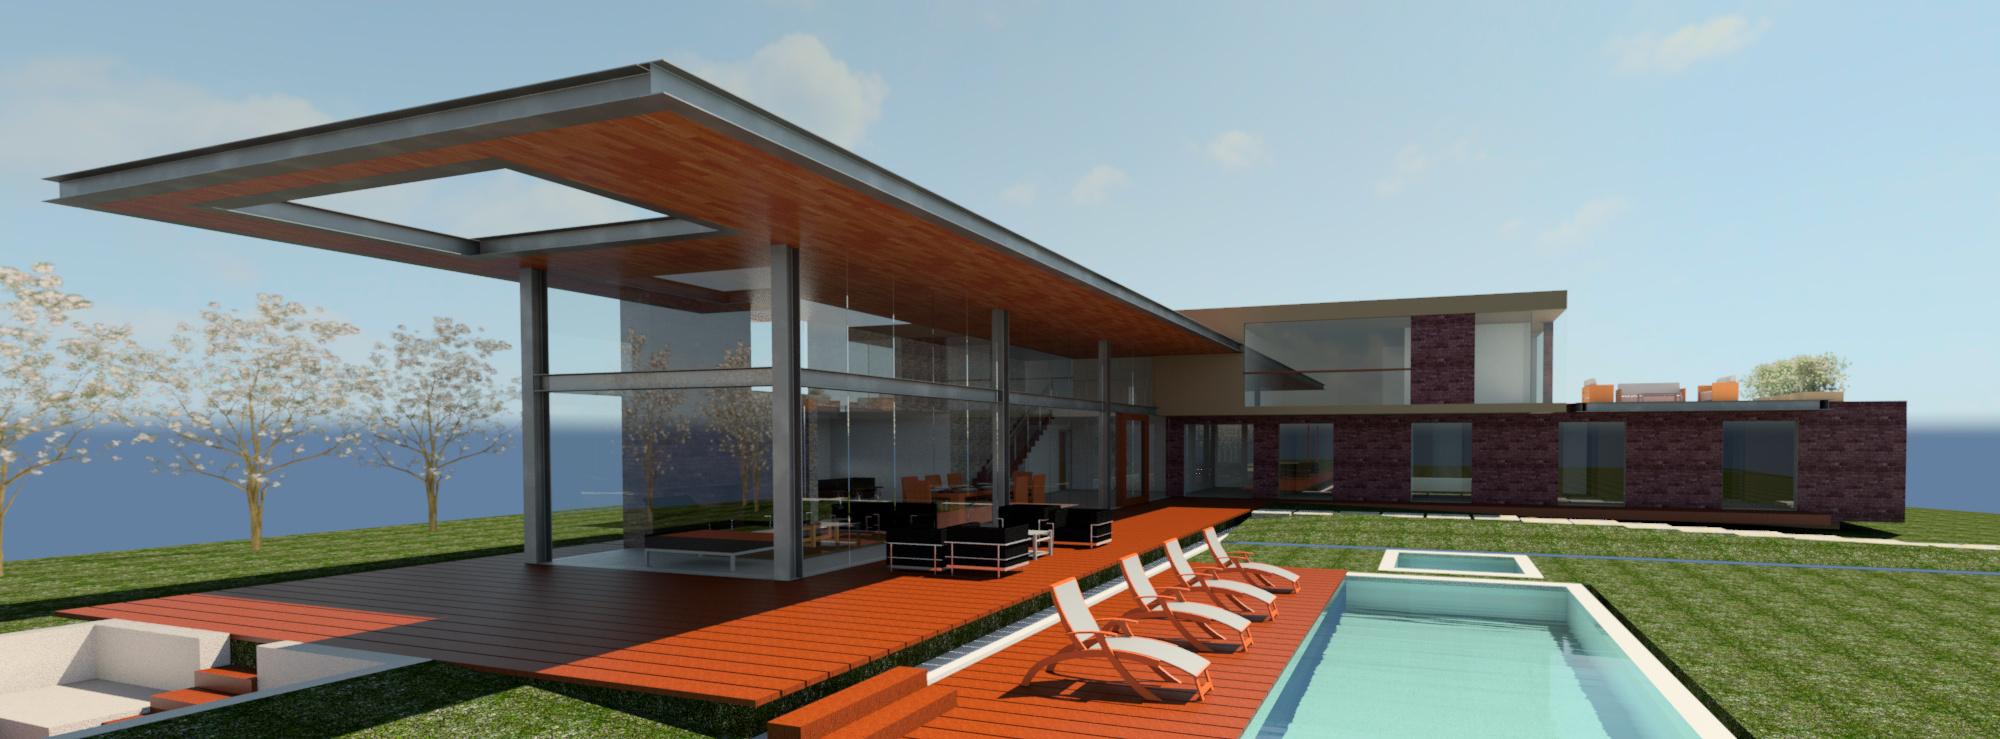 Raas-rendering20150526-4427-19tm4ot